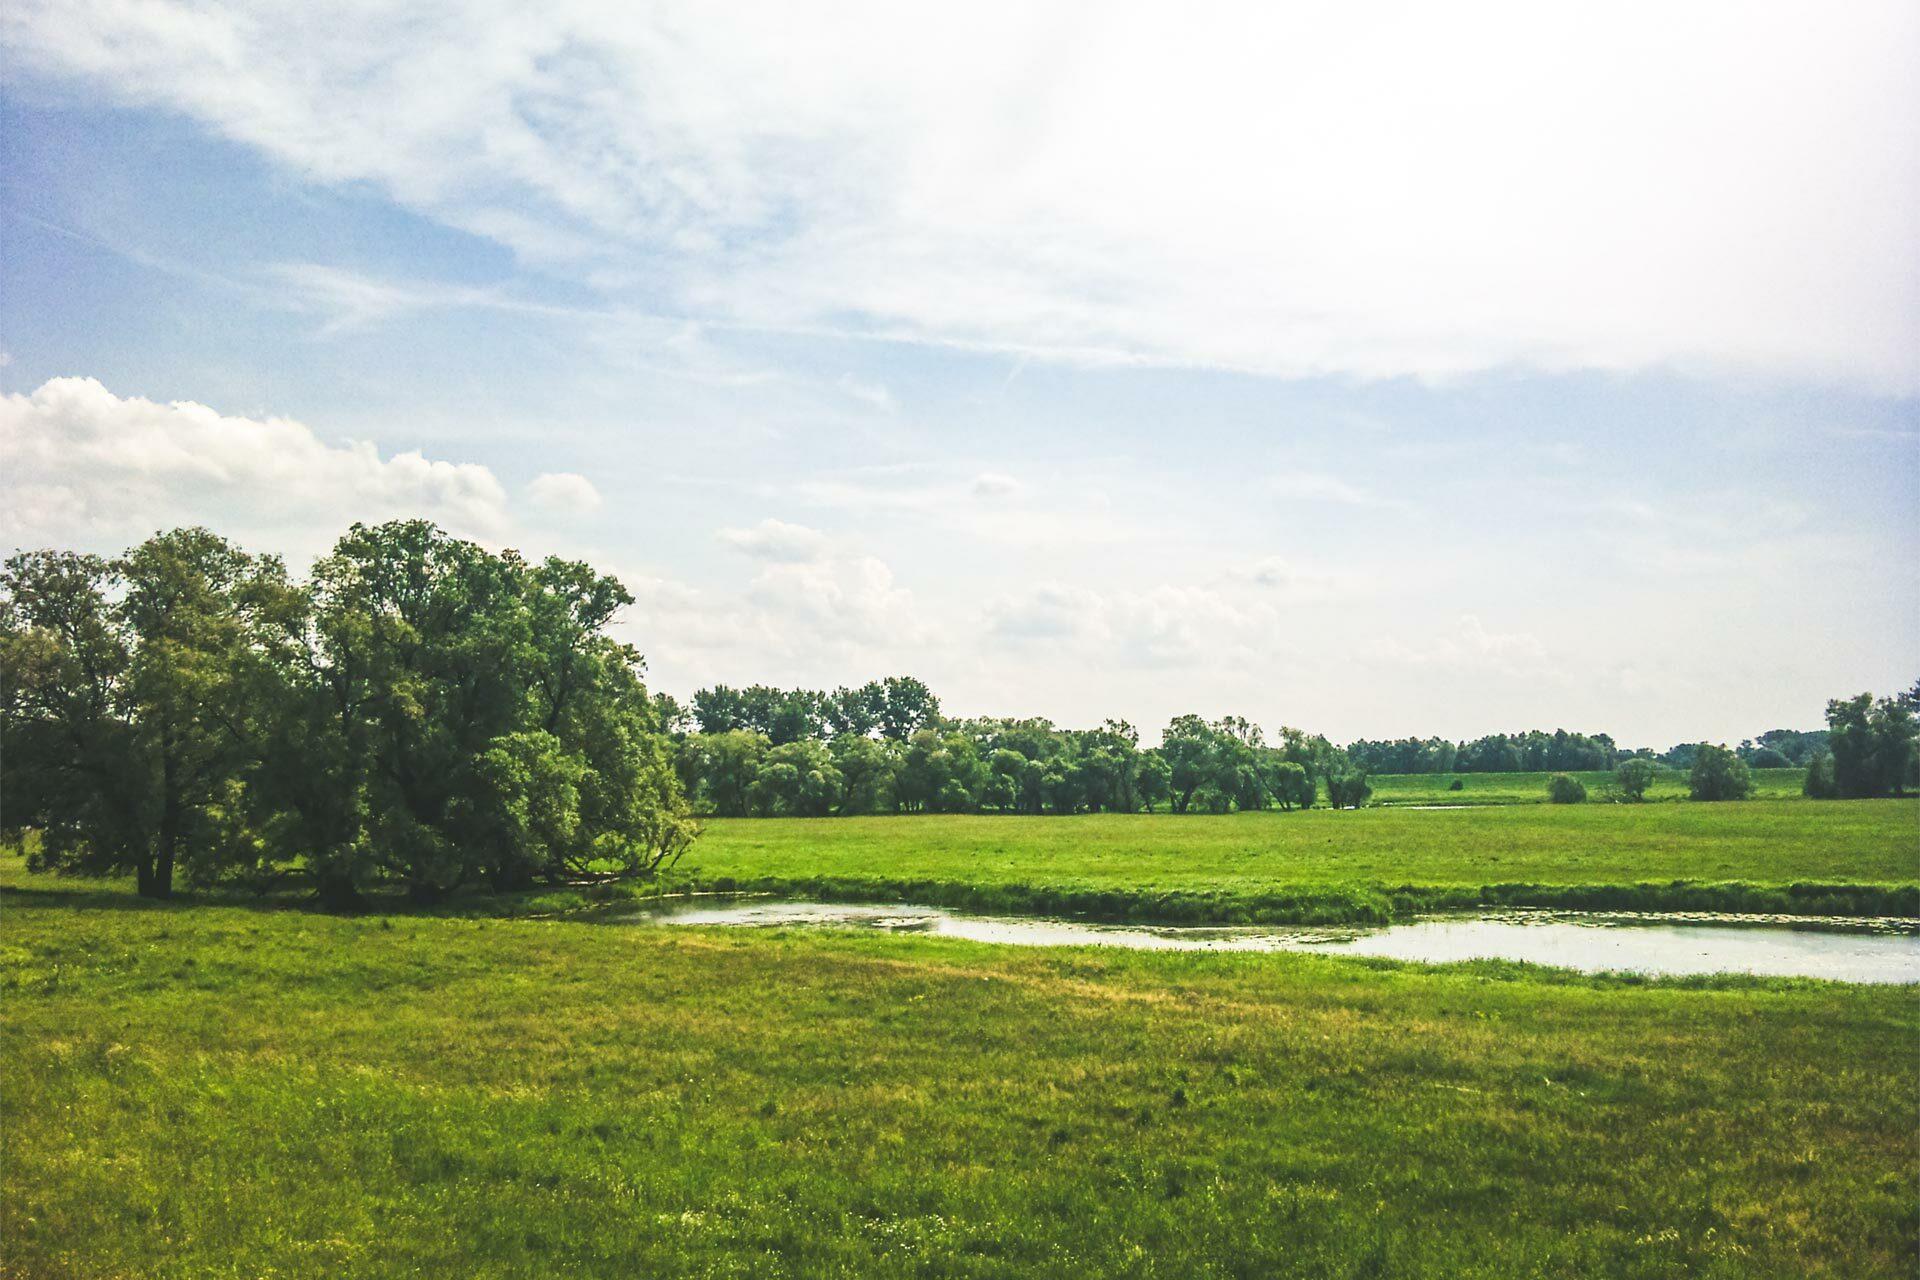 Im Mündungsgebiet der Havel in die Elbe. Sattes grün und blauer Himmel, da hüpft das Herz und staunt der Wandersmann.